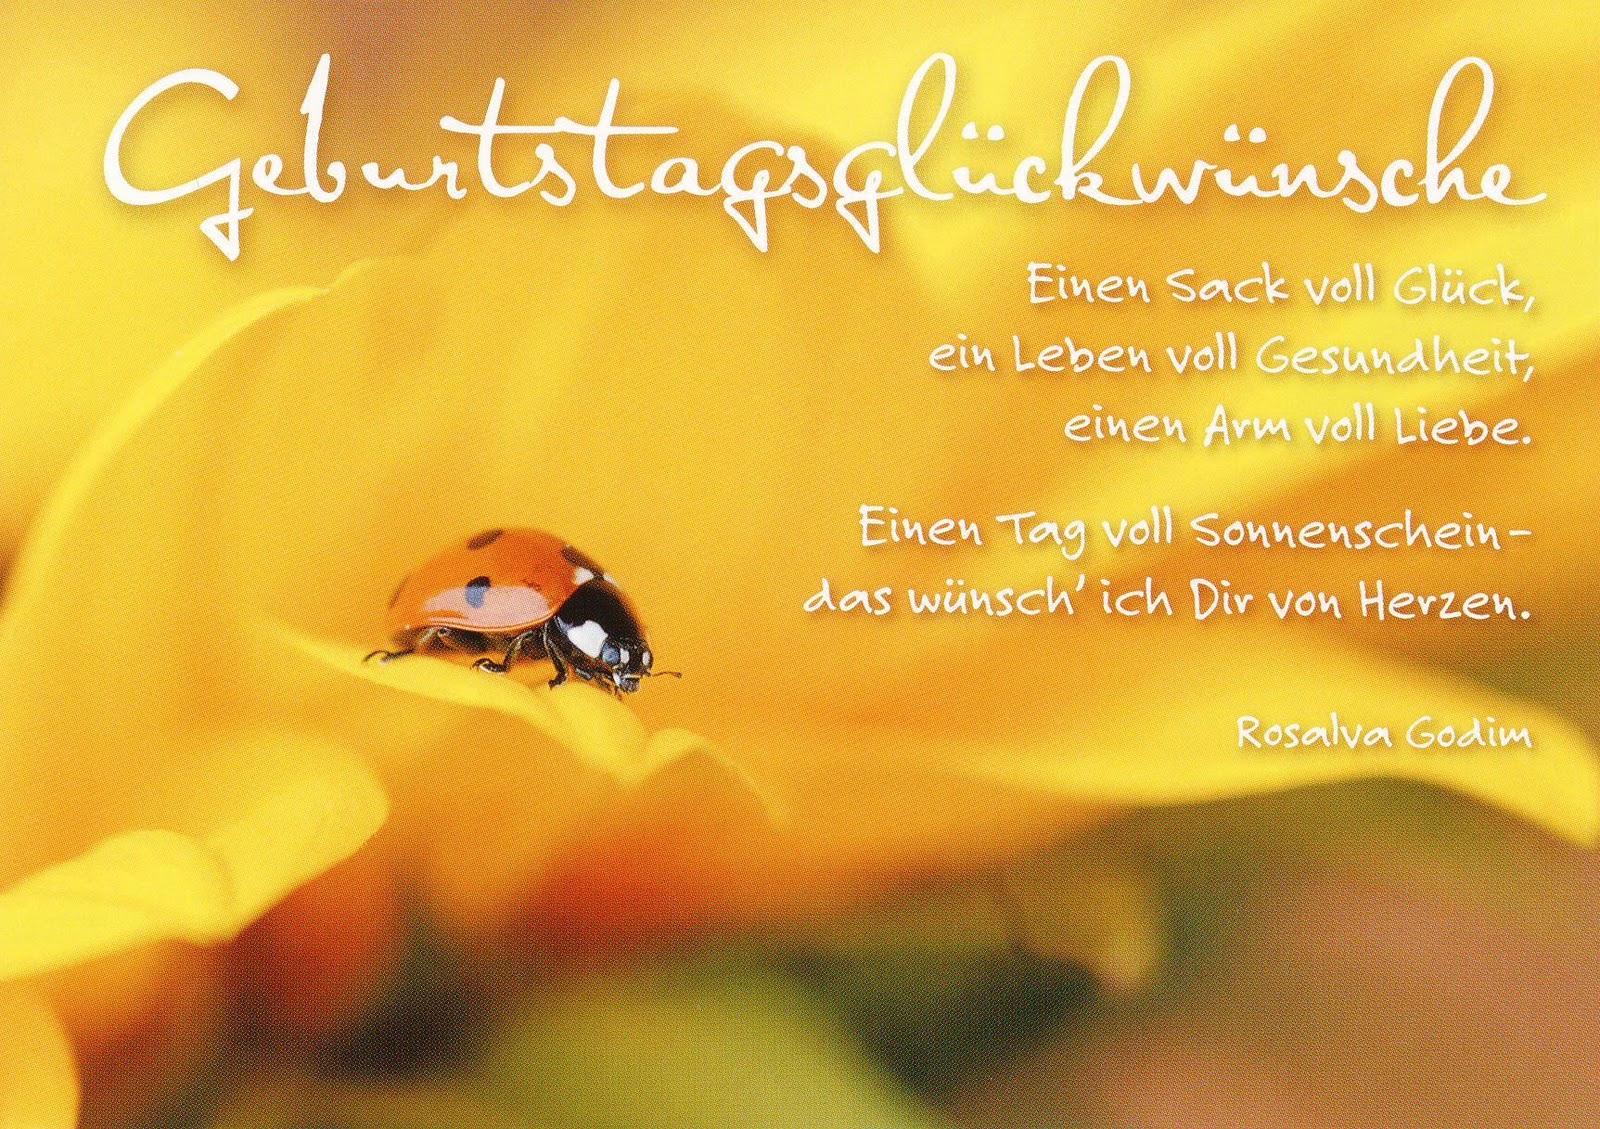 Freundschaft Entfernung Zitate Image collections Die besten